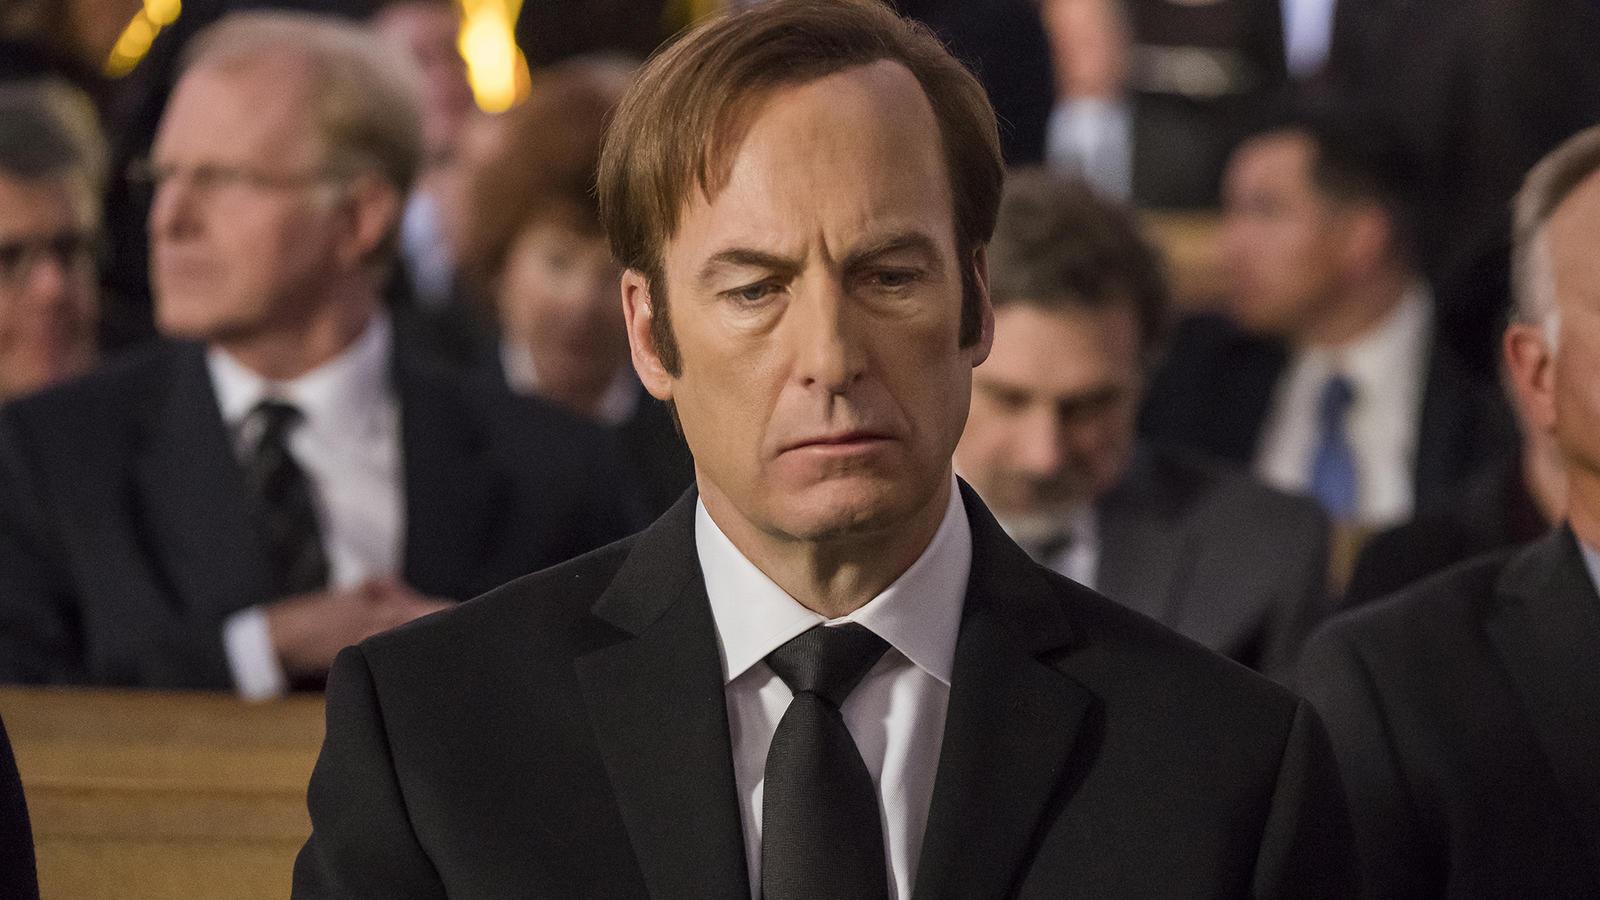 Better Call Saul projectnerd.it